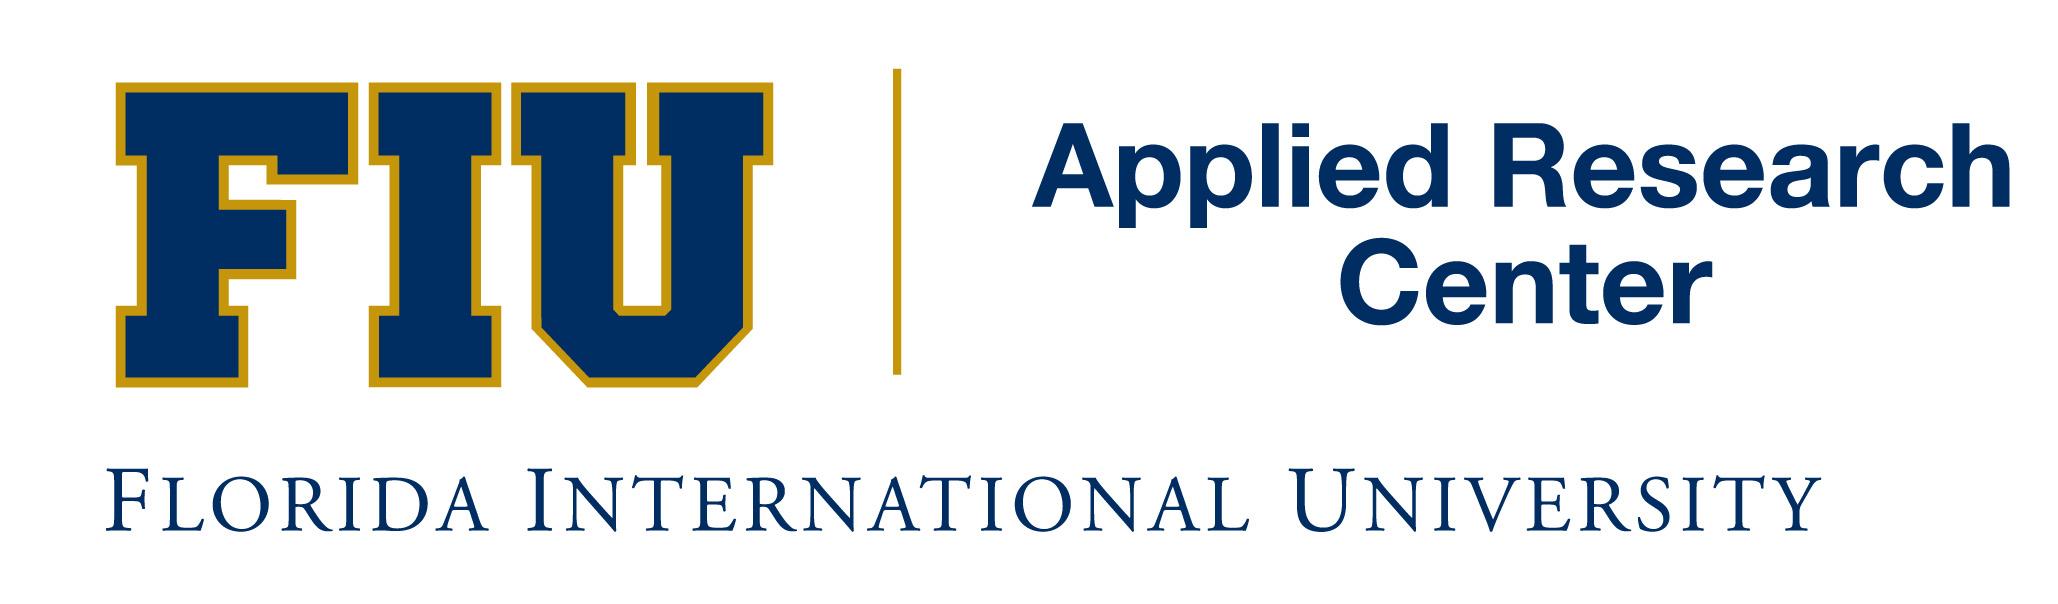 FIU_ARC logo